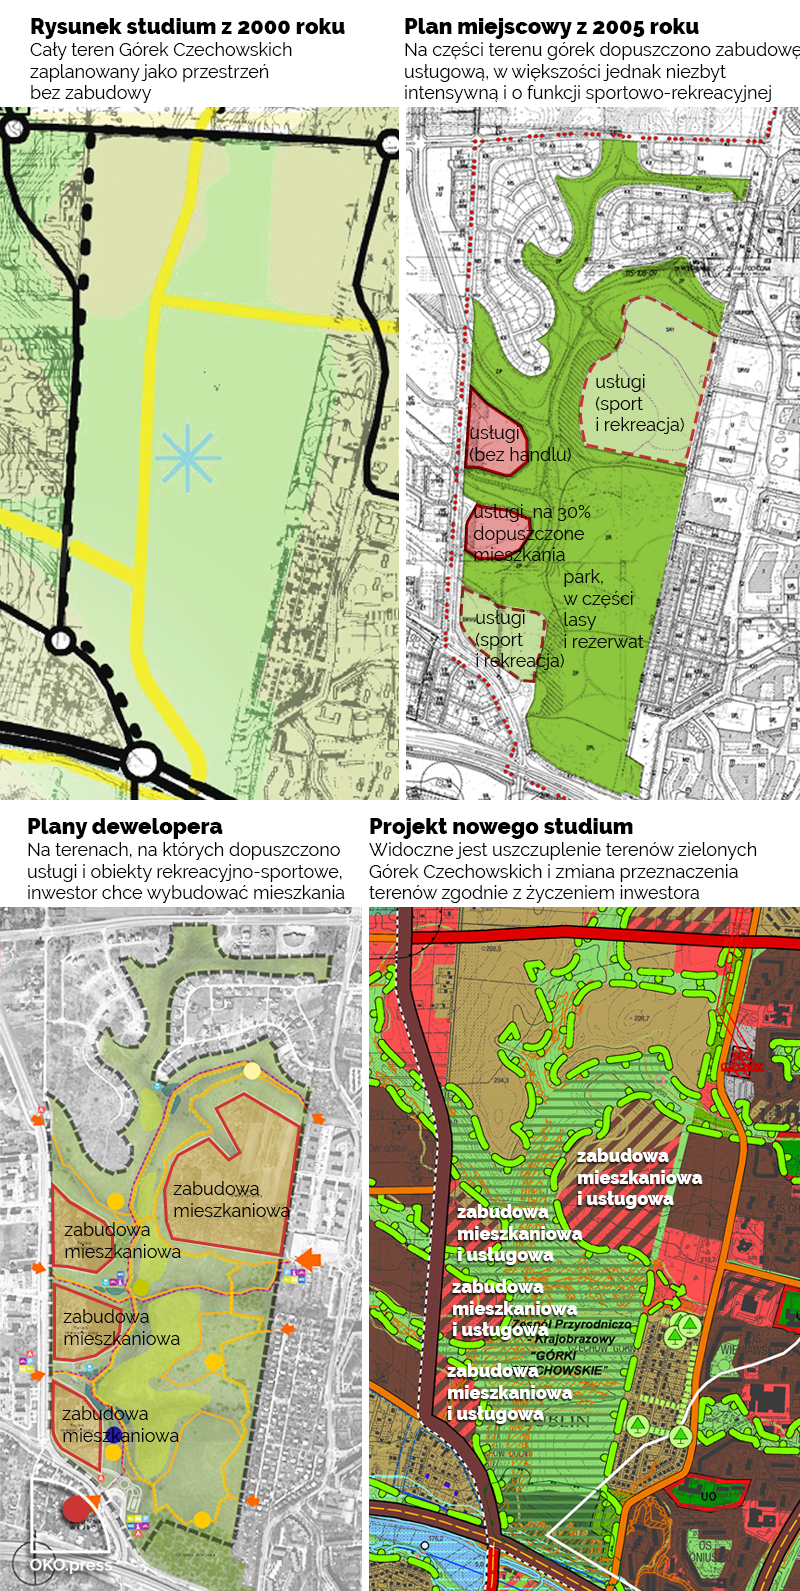 Ewolucj planistyczna ustaleń dotyczących Górek Czechowskich, od studium z 200 roku, do projektu nowego planu miejscowego. Na rysunach widoczne jest zmniejszanie powierzchni zielonej.